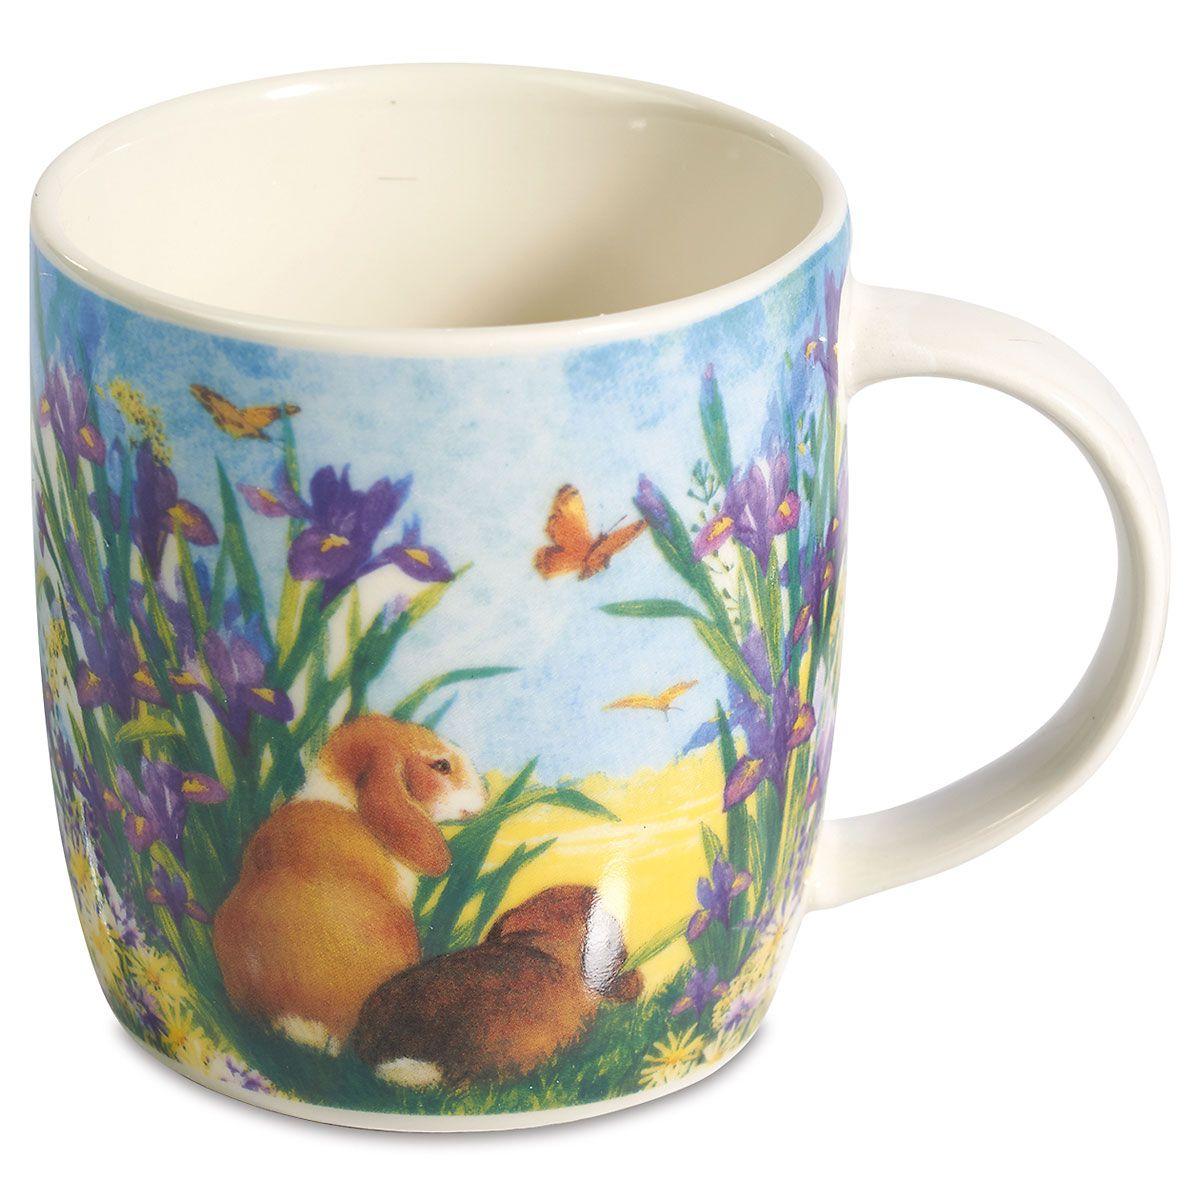 Bunny Mug in Gift Box